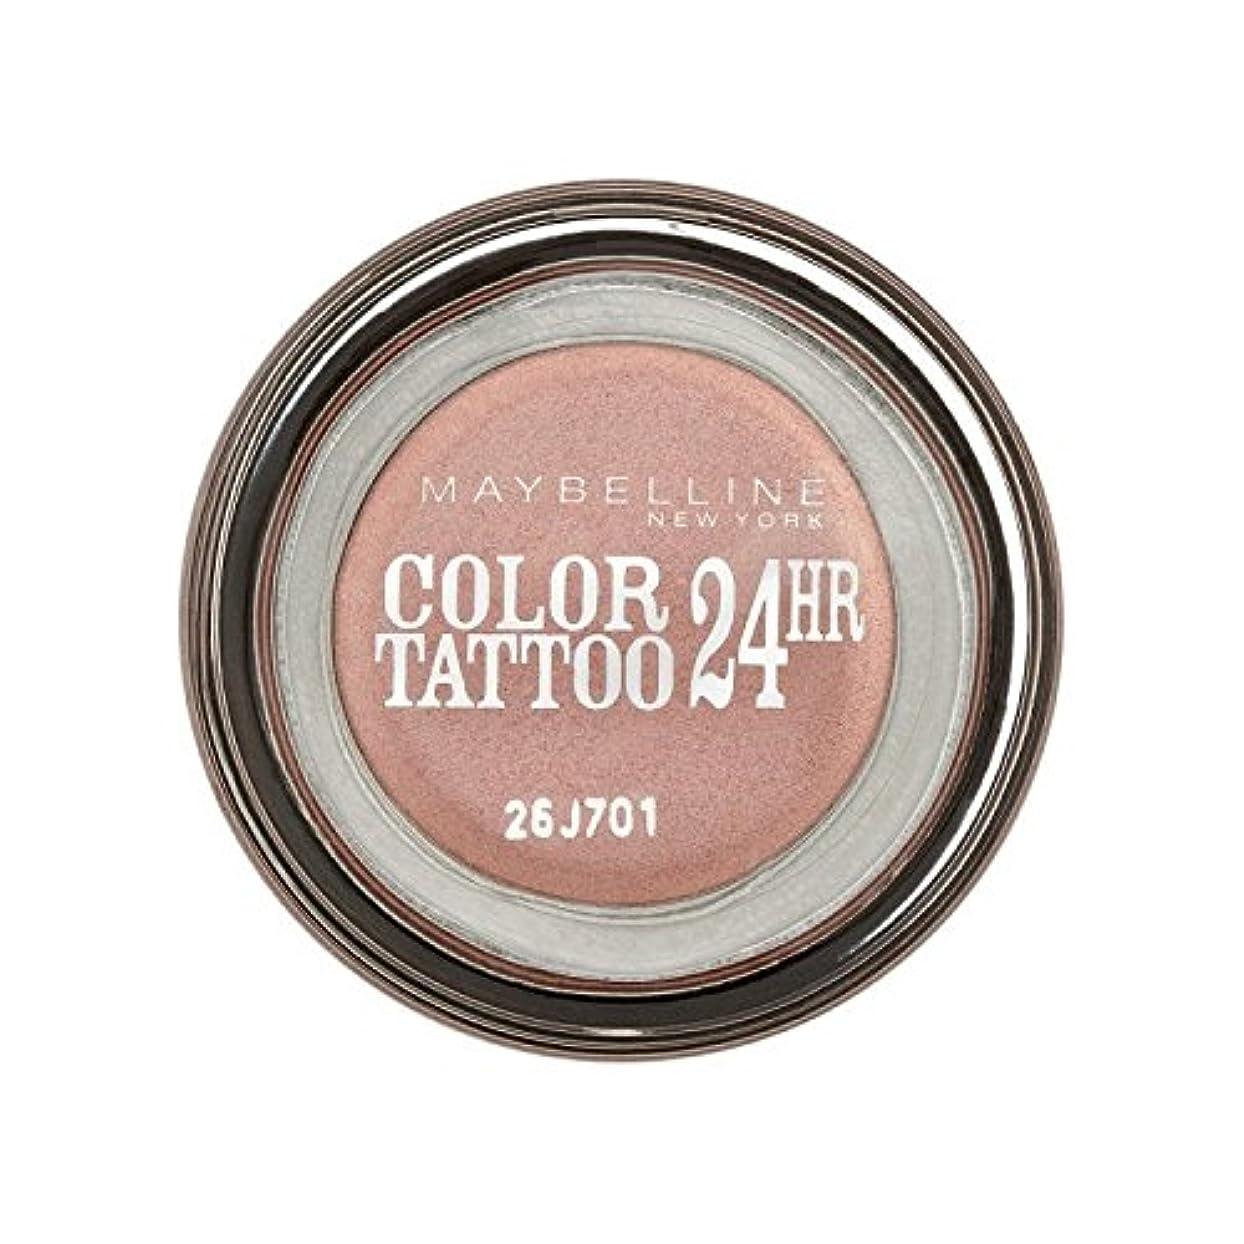 絶望的な血まみれのフォーラムMaybelline Color Tattoo 24Hr Eyeshadow 65 Pink Gold (Pack of 6) - メイベリンカラータトゥー24時間アイシャドウ65ピンクゴールド x6 [並行輸入品]